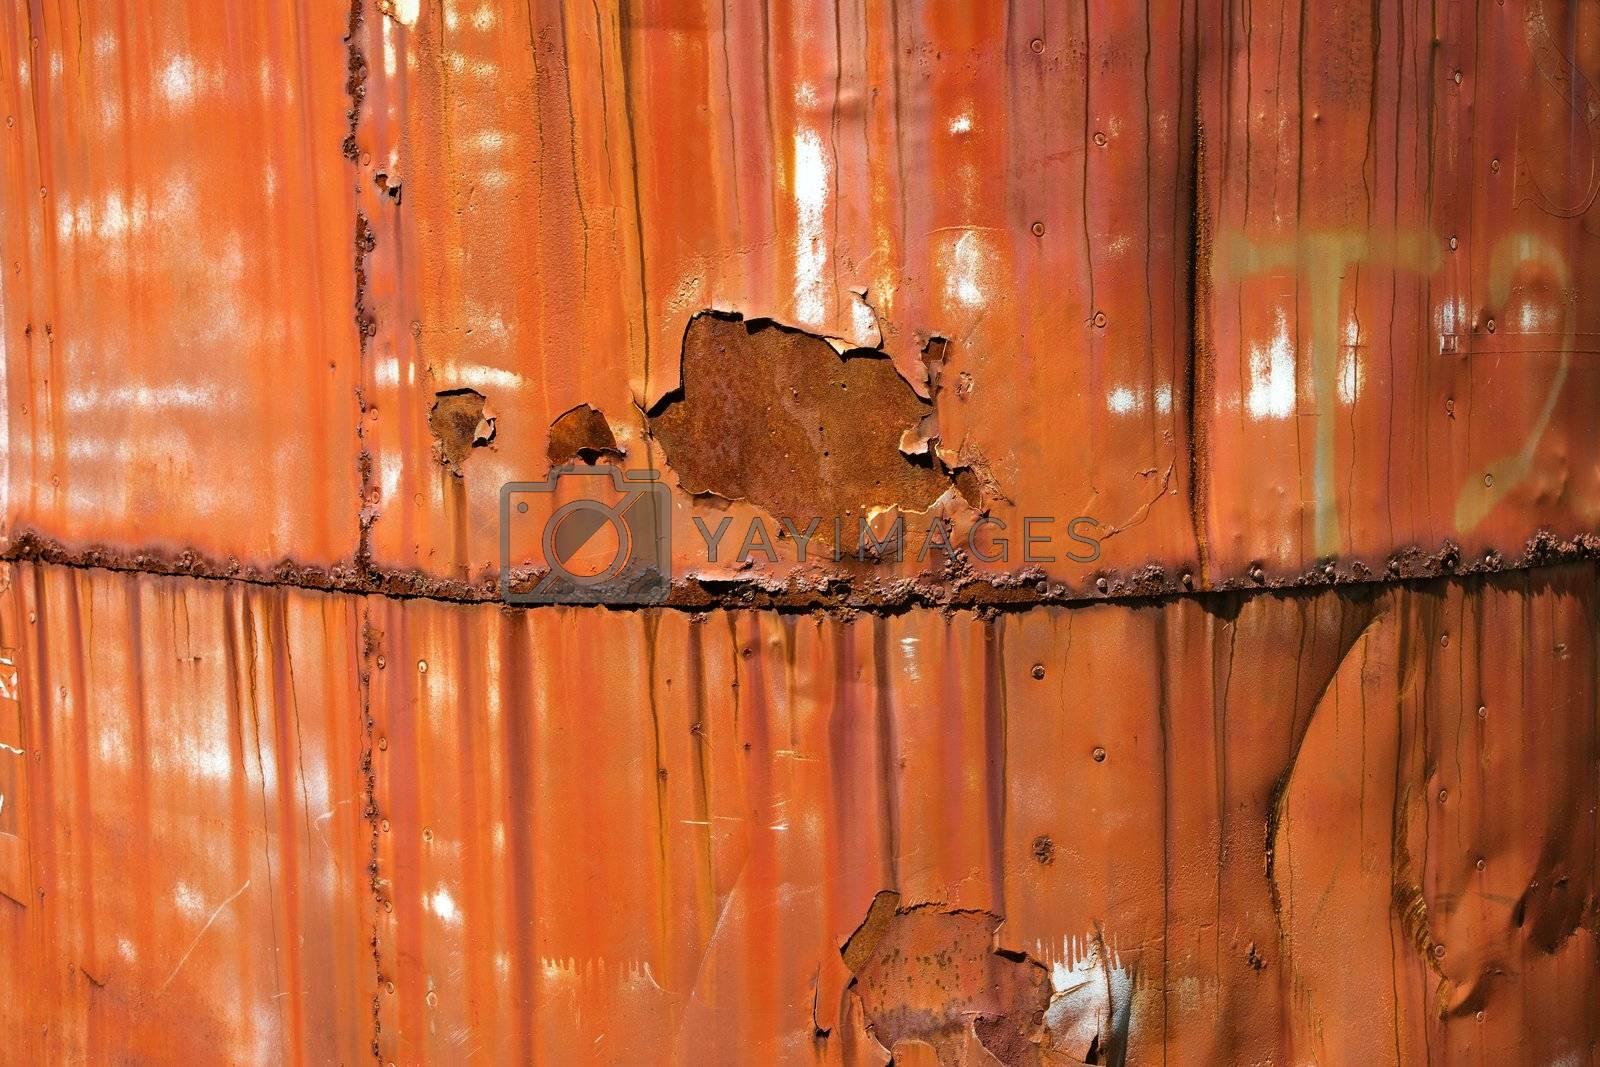 Closeup of metal orange container.